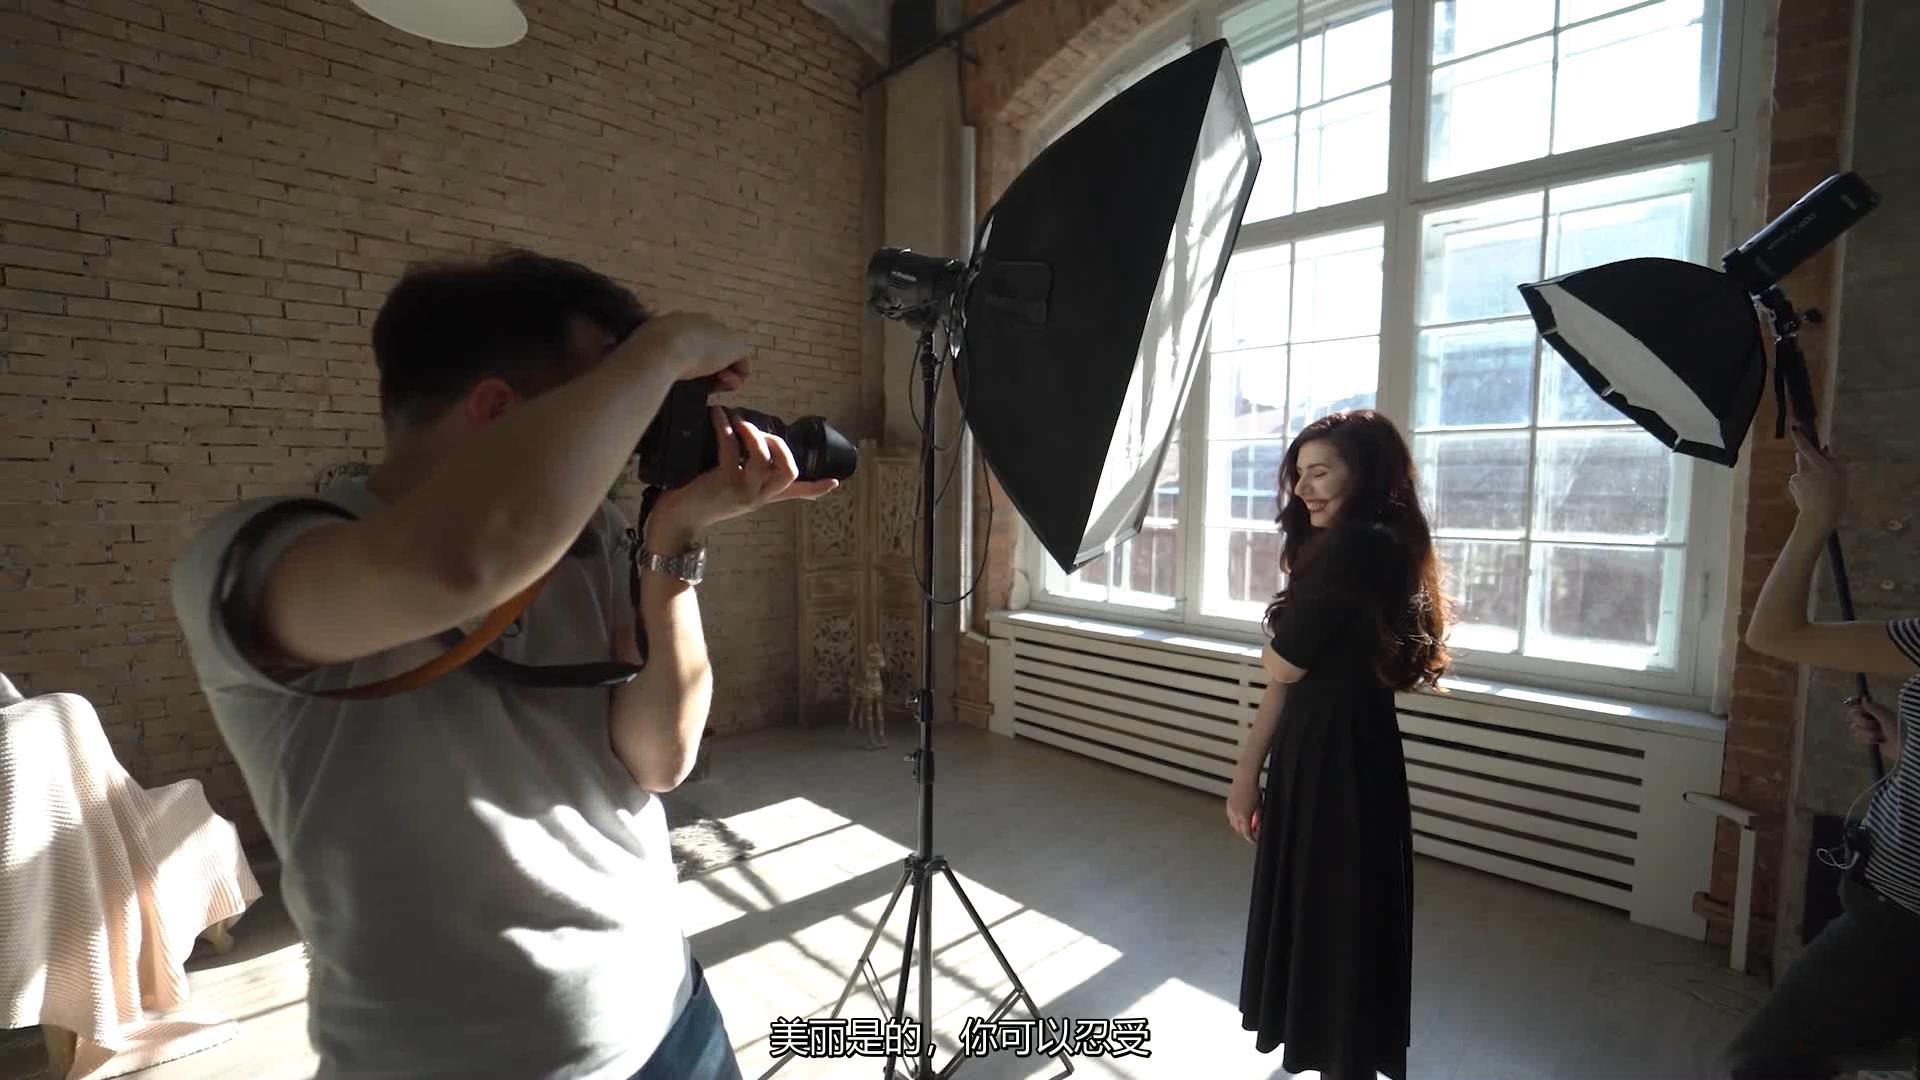 摄影教程_Alexey Gaidin实践30多种人造光闪光灯摄影布光教程-中文字幕 摄影教程 _预览图4